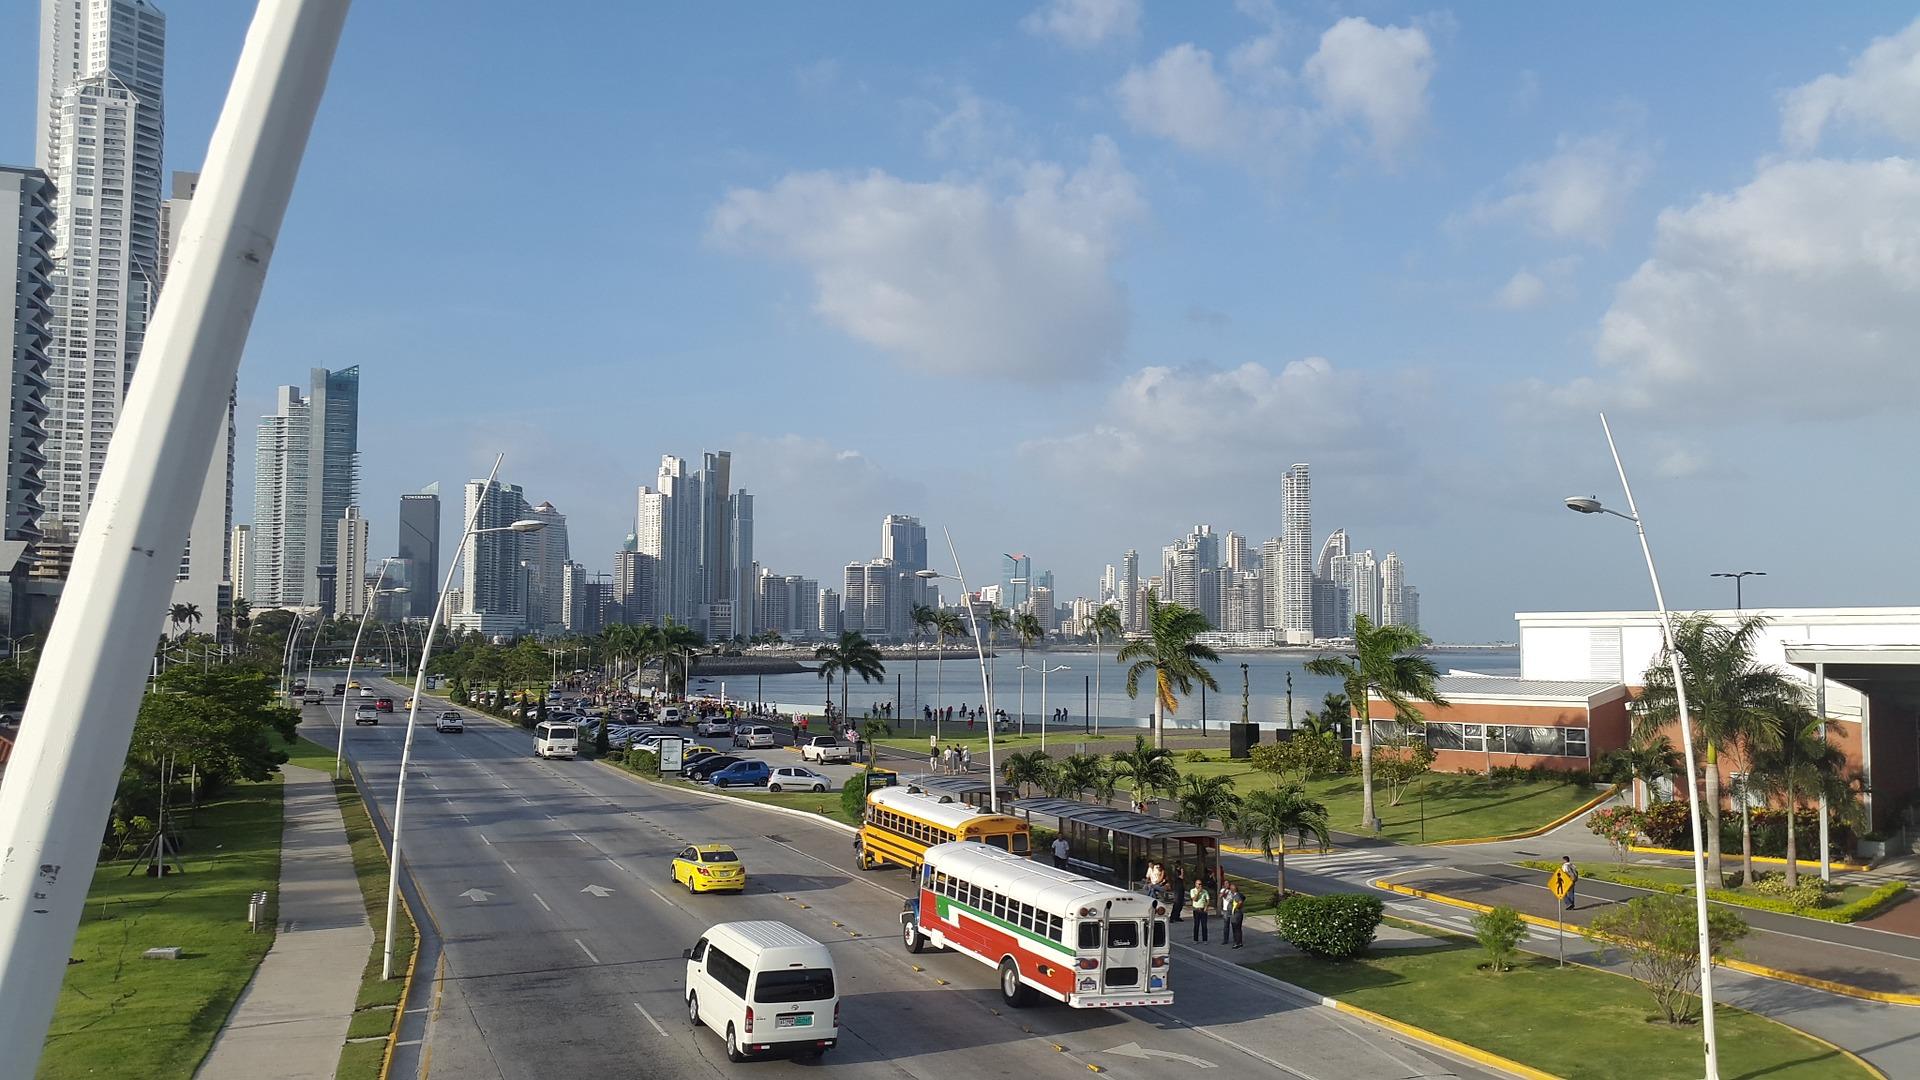 Panama City 12 Tage Urlaub ab 377,36€ Mittelamerika Deal